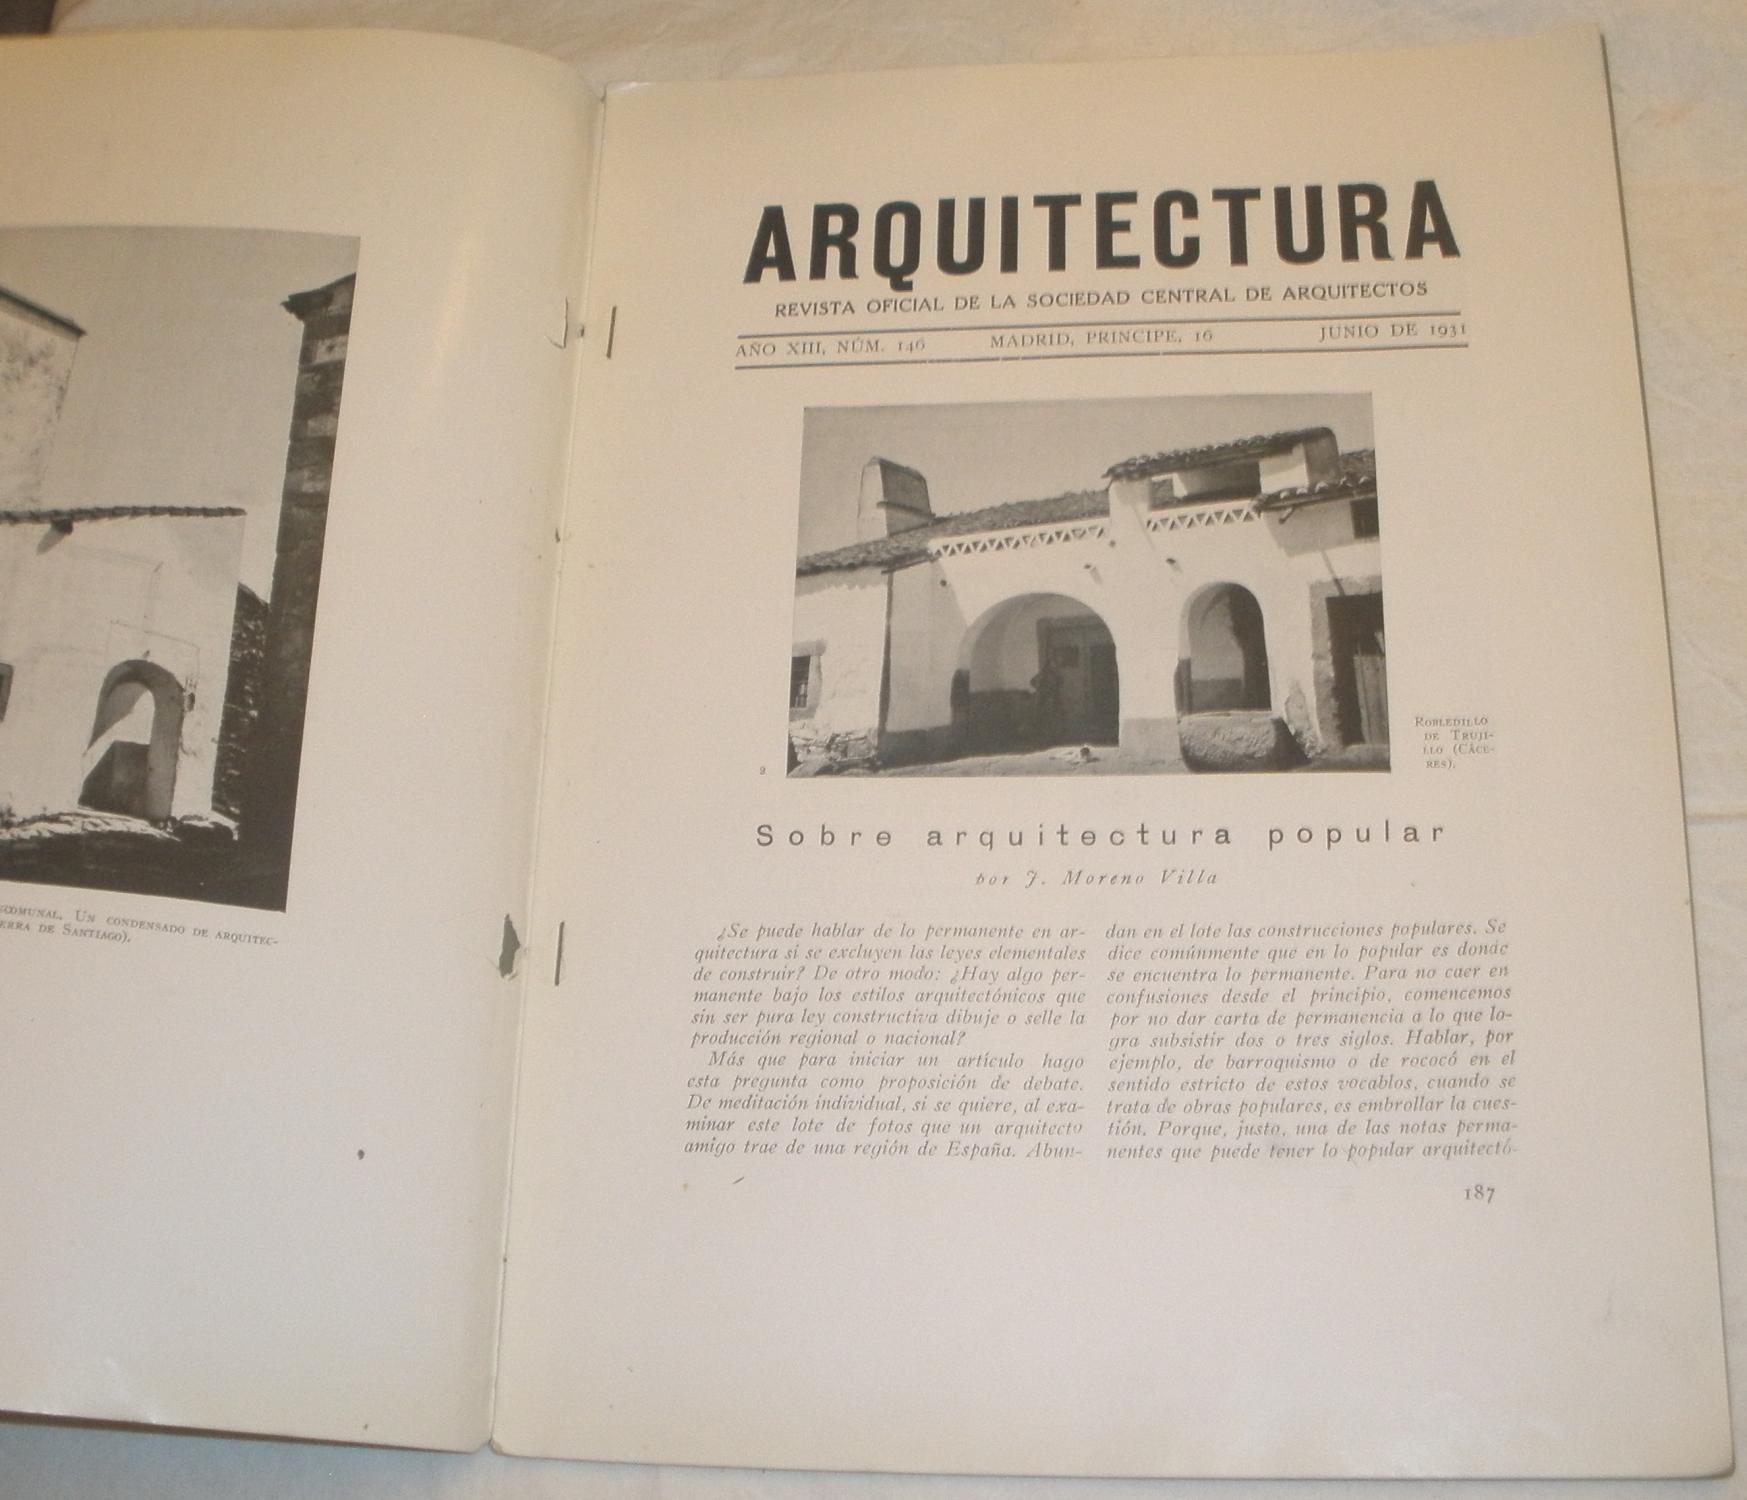 revista oficial de la sociedad central de arquitectos vv